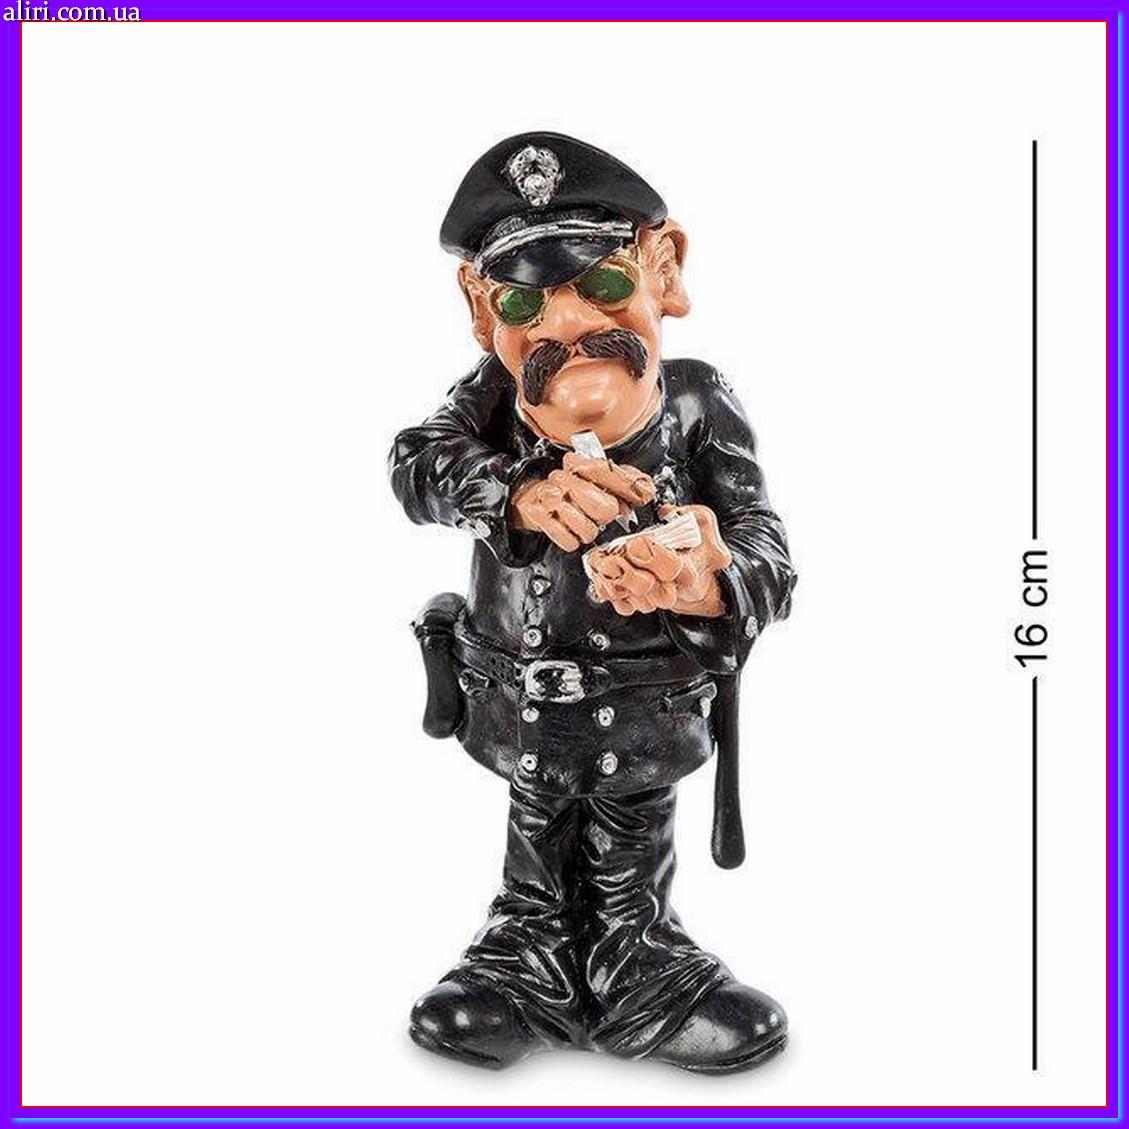 Статуэтка Warren Stratford подарок полицейскому или в коллекцию